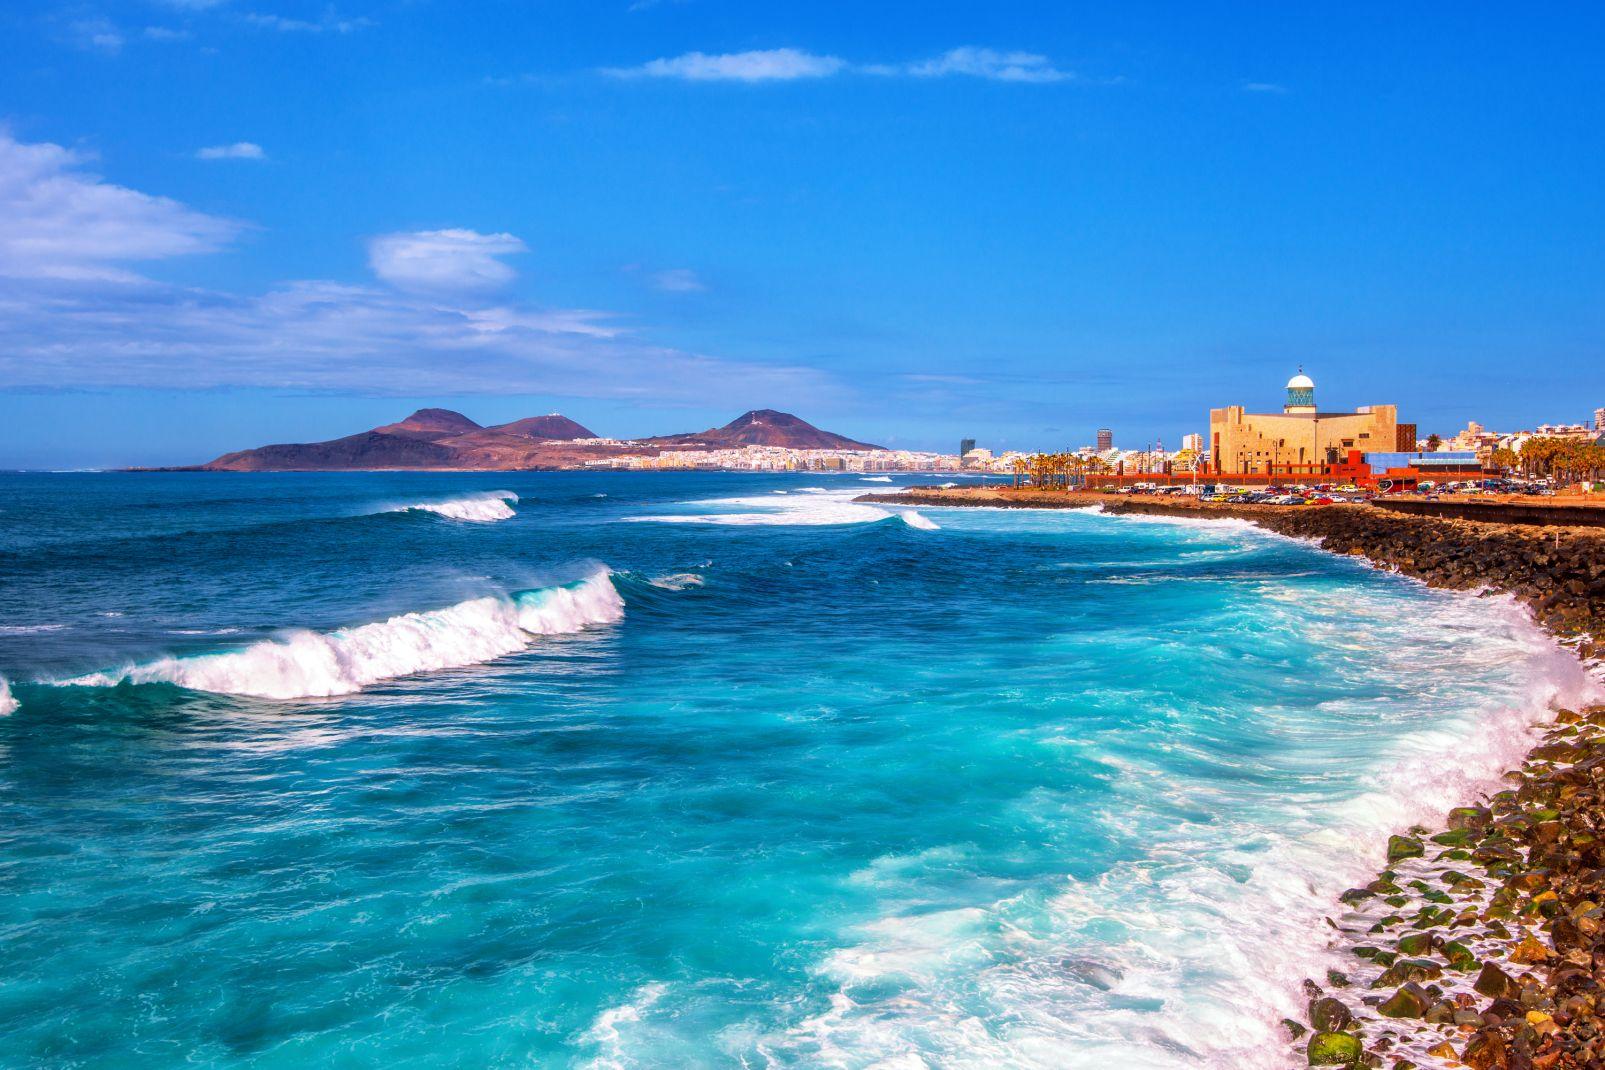 canaries, archipel, île, espagne, europe, méditerranée, gran canaria, grande canarie